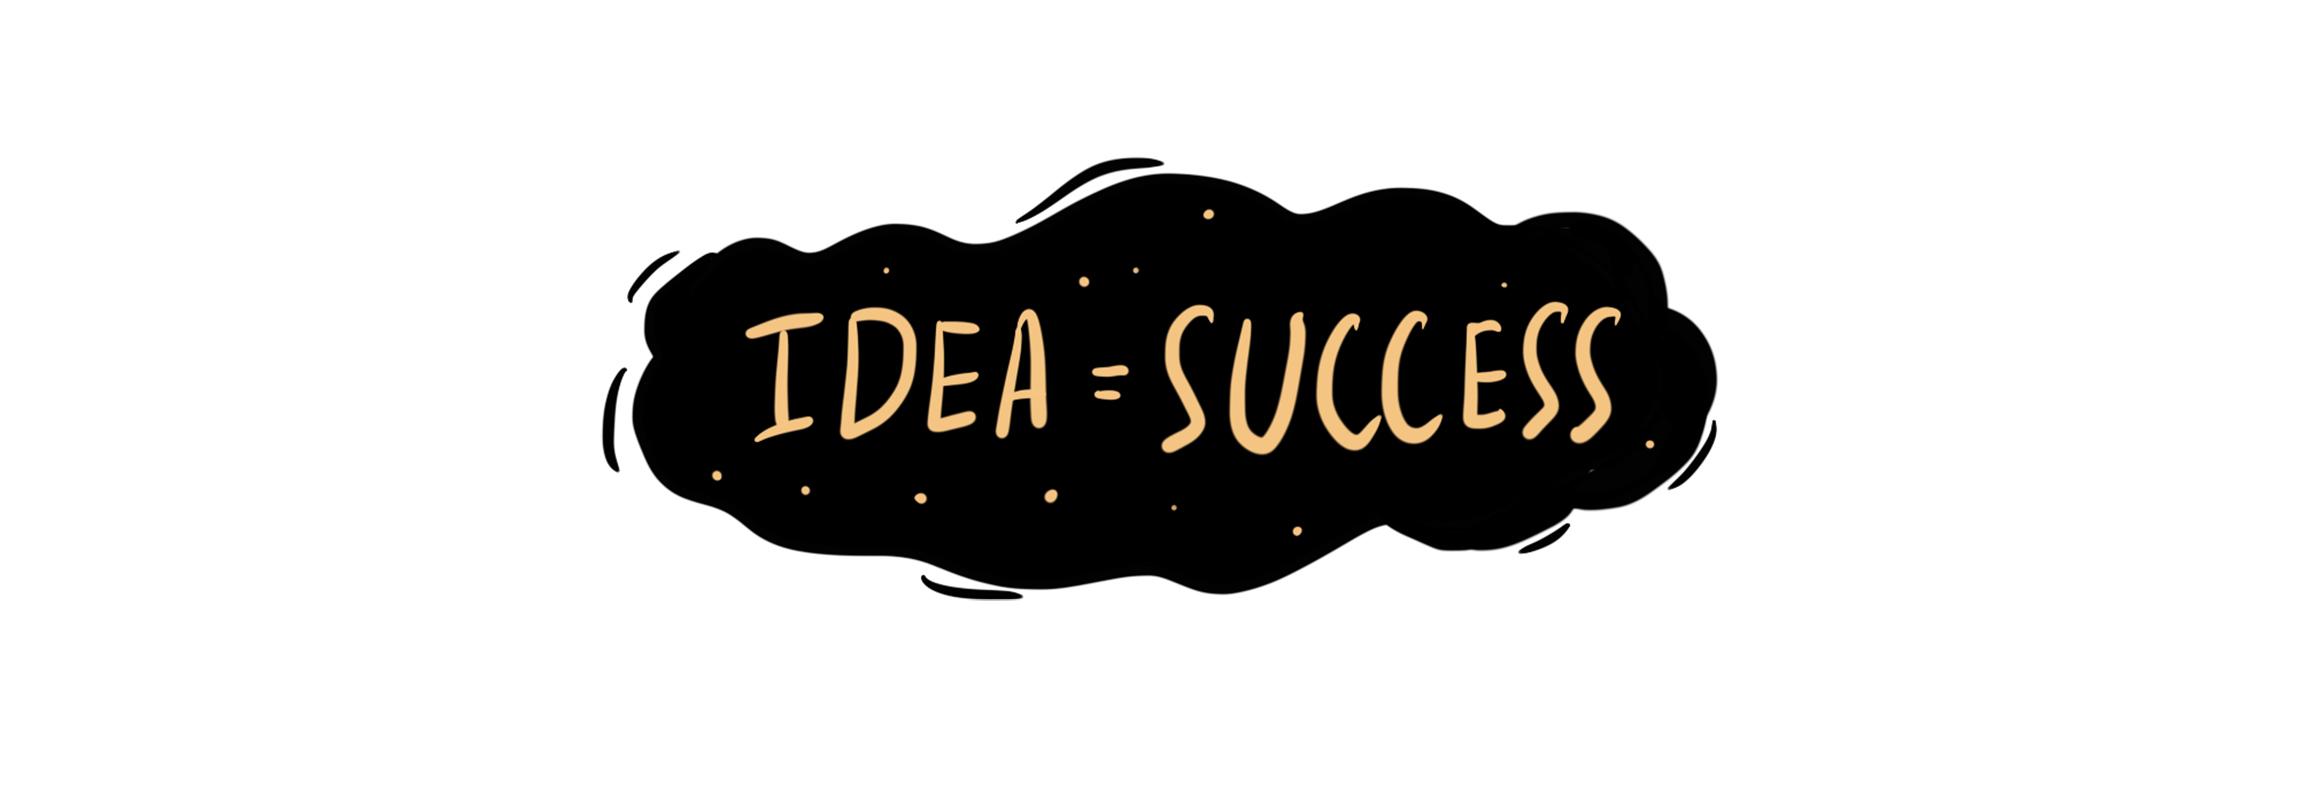 idea-is-success